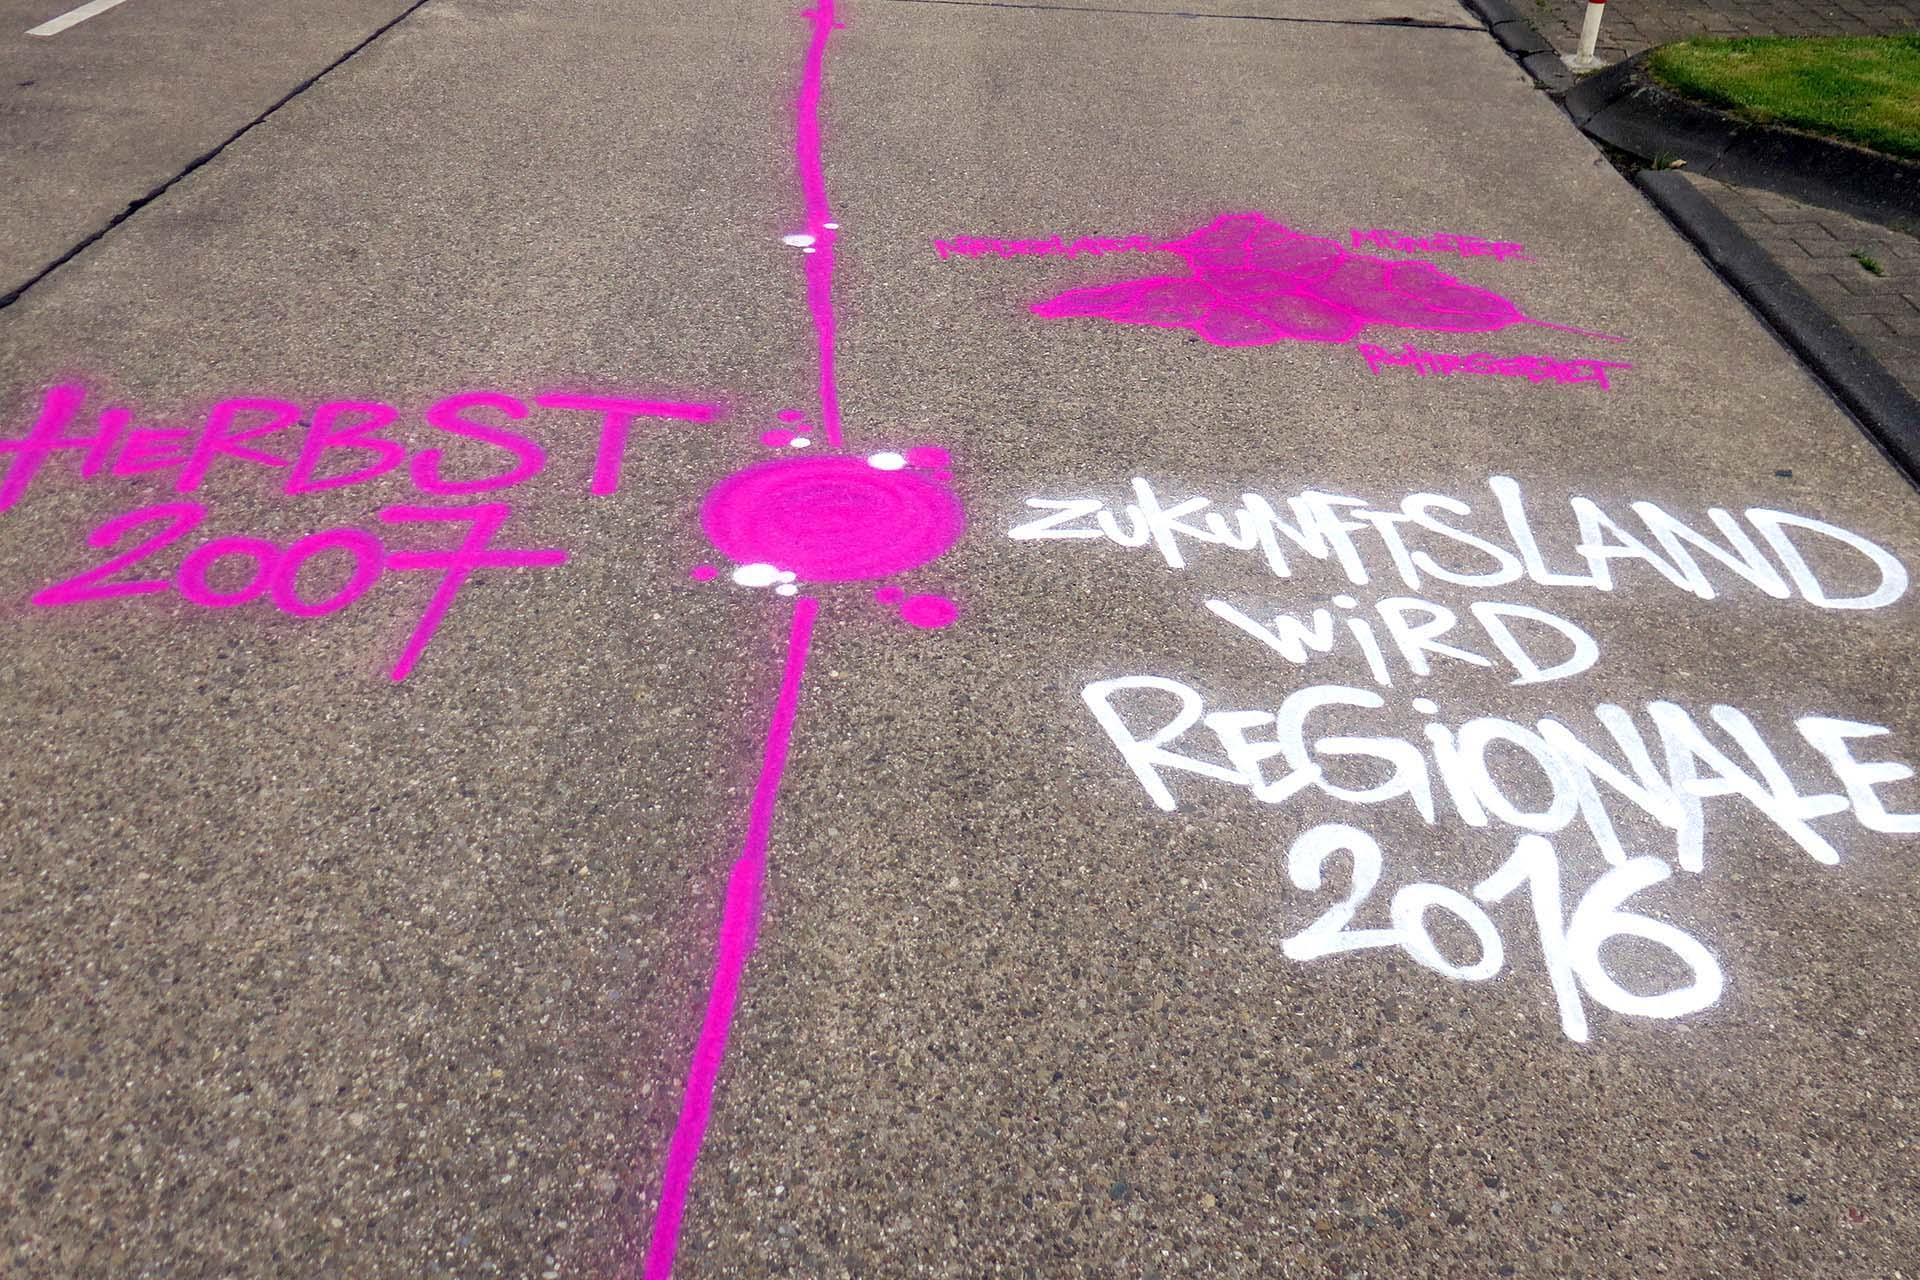 Bodenbemalung, Regionale, Graffiti, Zukunftsland, Coesfeld, Sprayen, Urban, Boden, Bennet Grüttner, Strasse